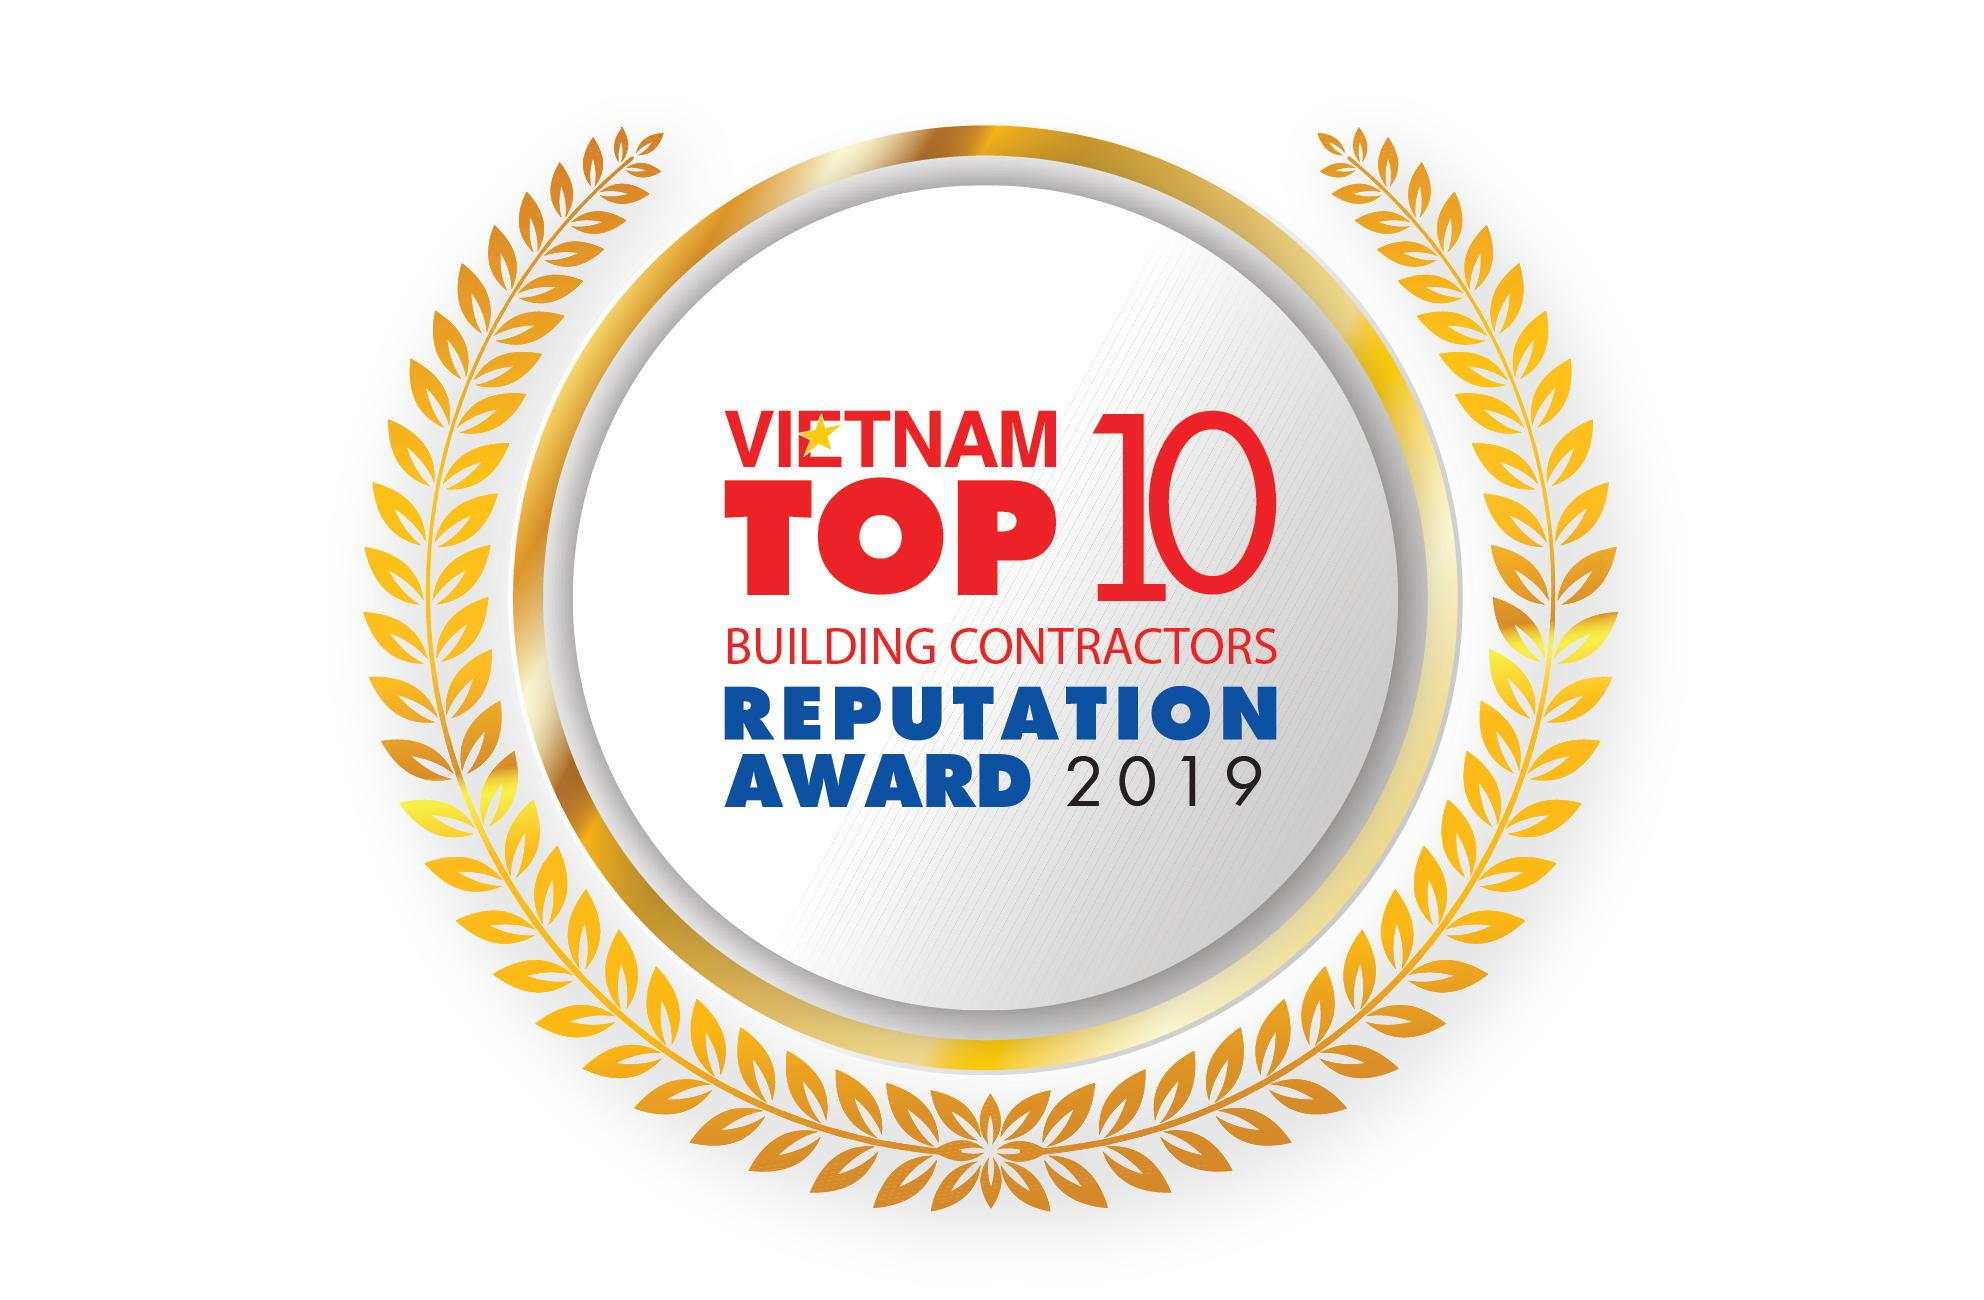 TOP 10 NHÀ THẦU XÂY DỰNG UY TÍN NĂM 2019